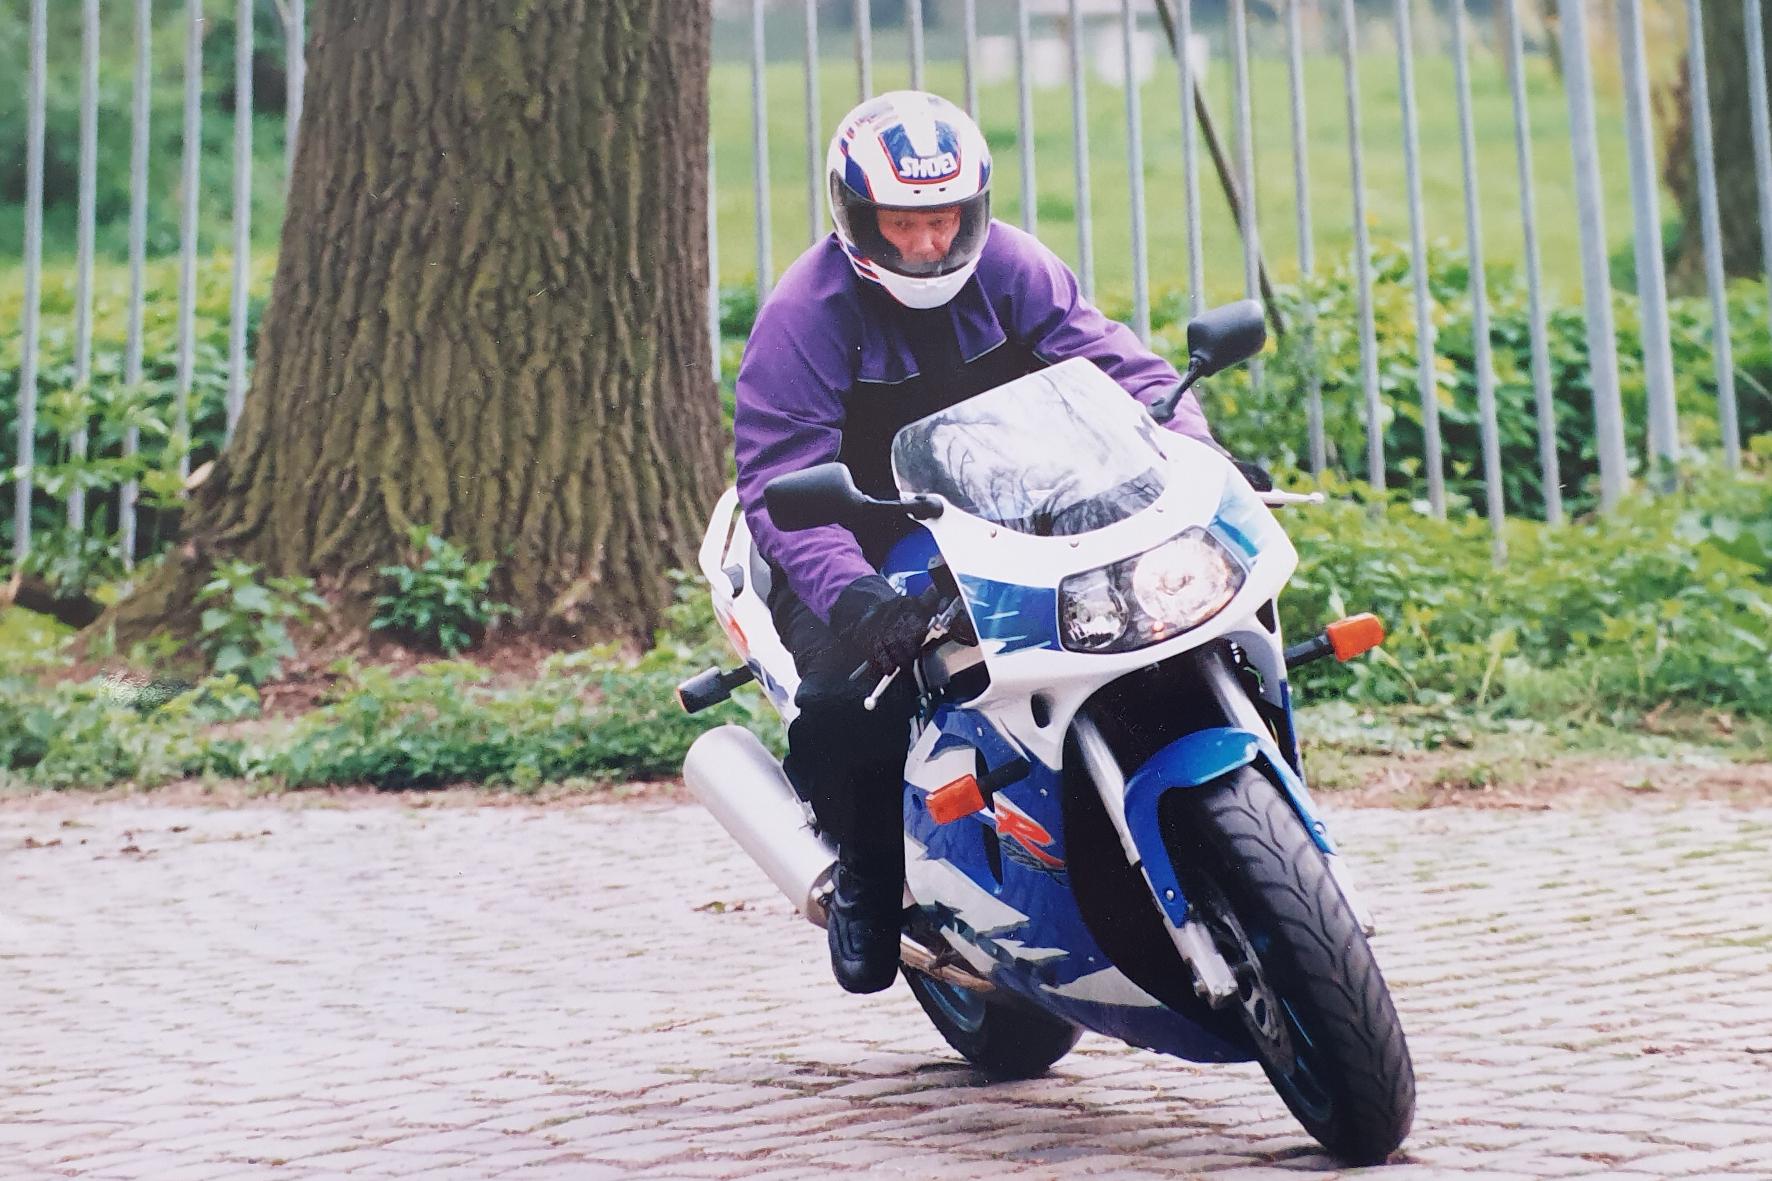 mid Groß-Gerau - Suzuki GSX-R 1100 W - ausgereift und kompromisslos. Der erste Eindruck ist respekteinflößend. 1995 der Traum vieler Biker. Archiv Motor-Informations-Dienst (mid)